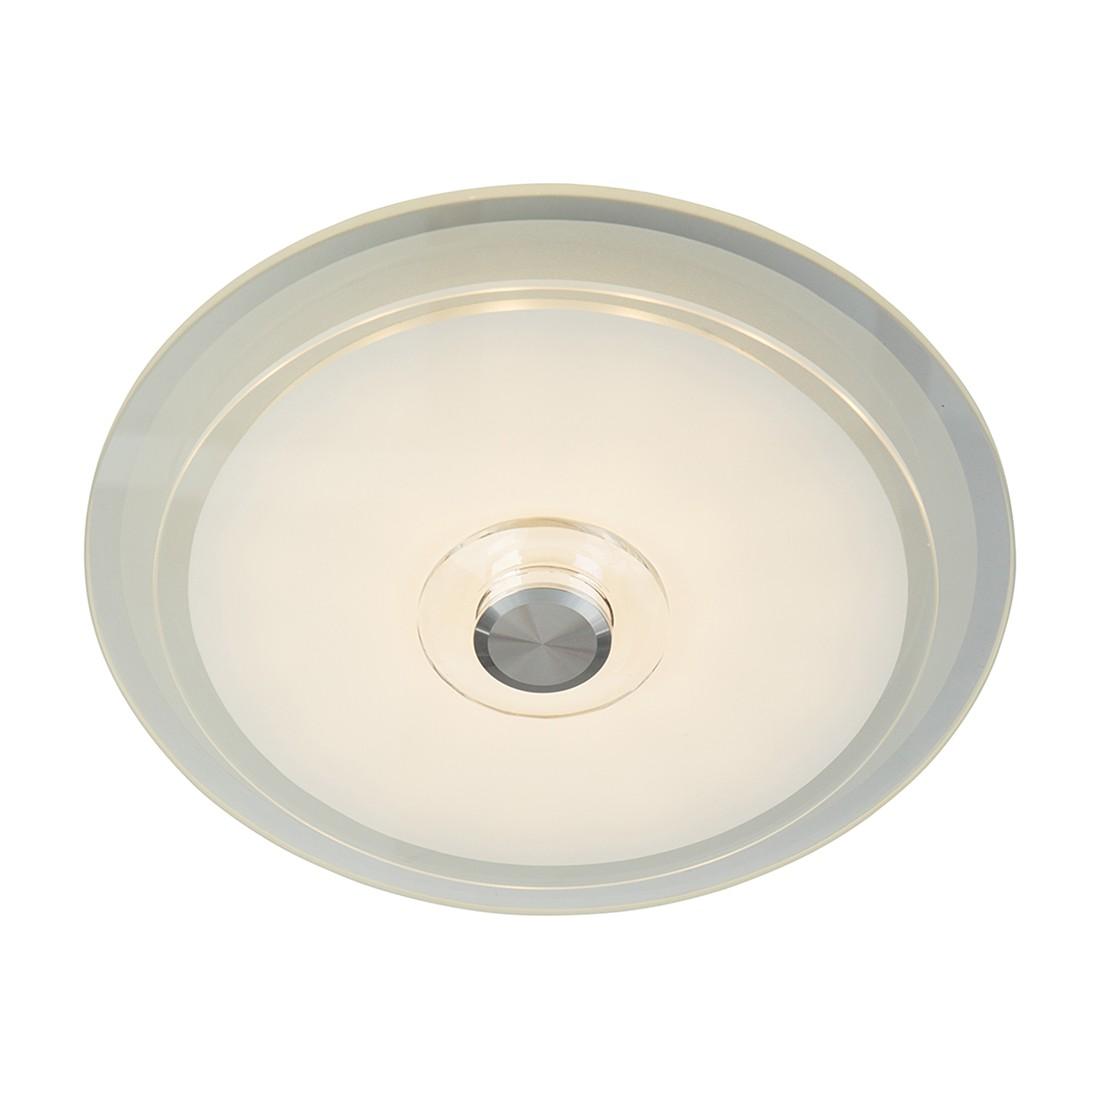 LED-Deckenleuchte 1-flammig ● Weiß- Steinhauer A+